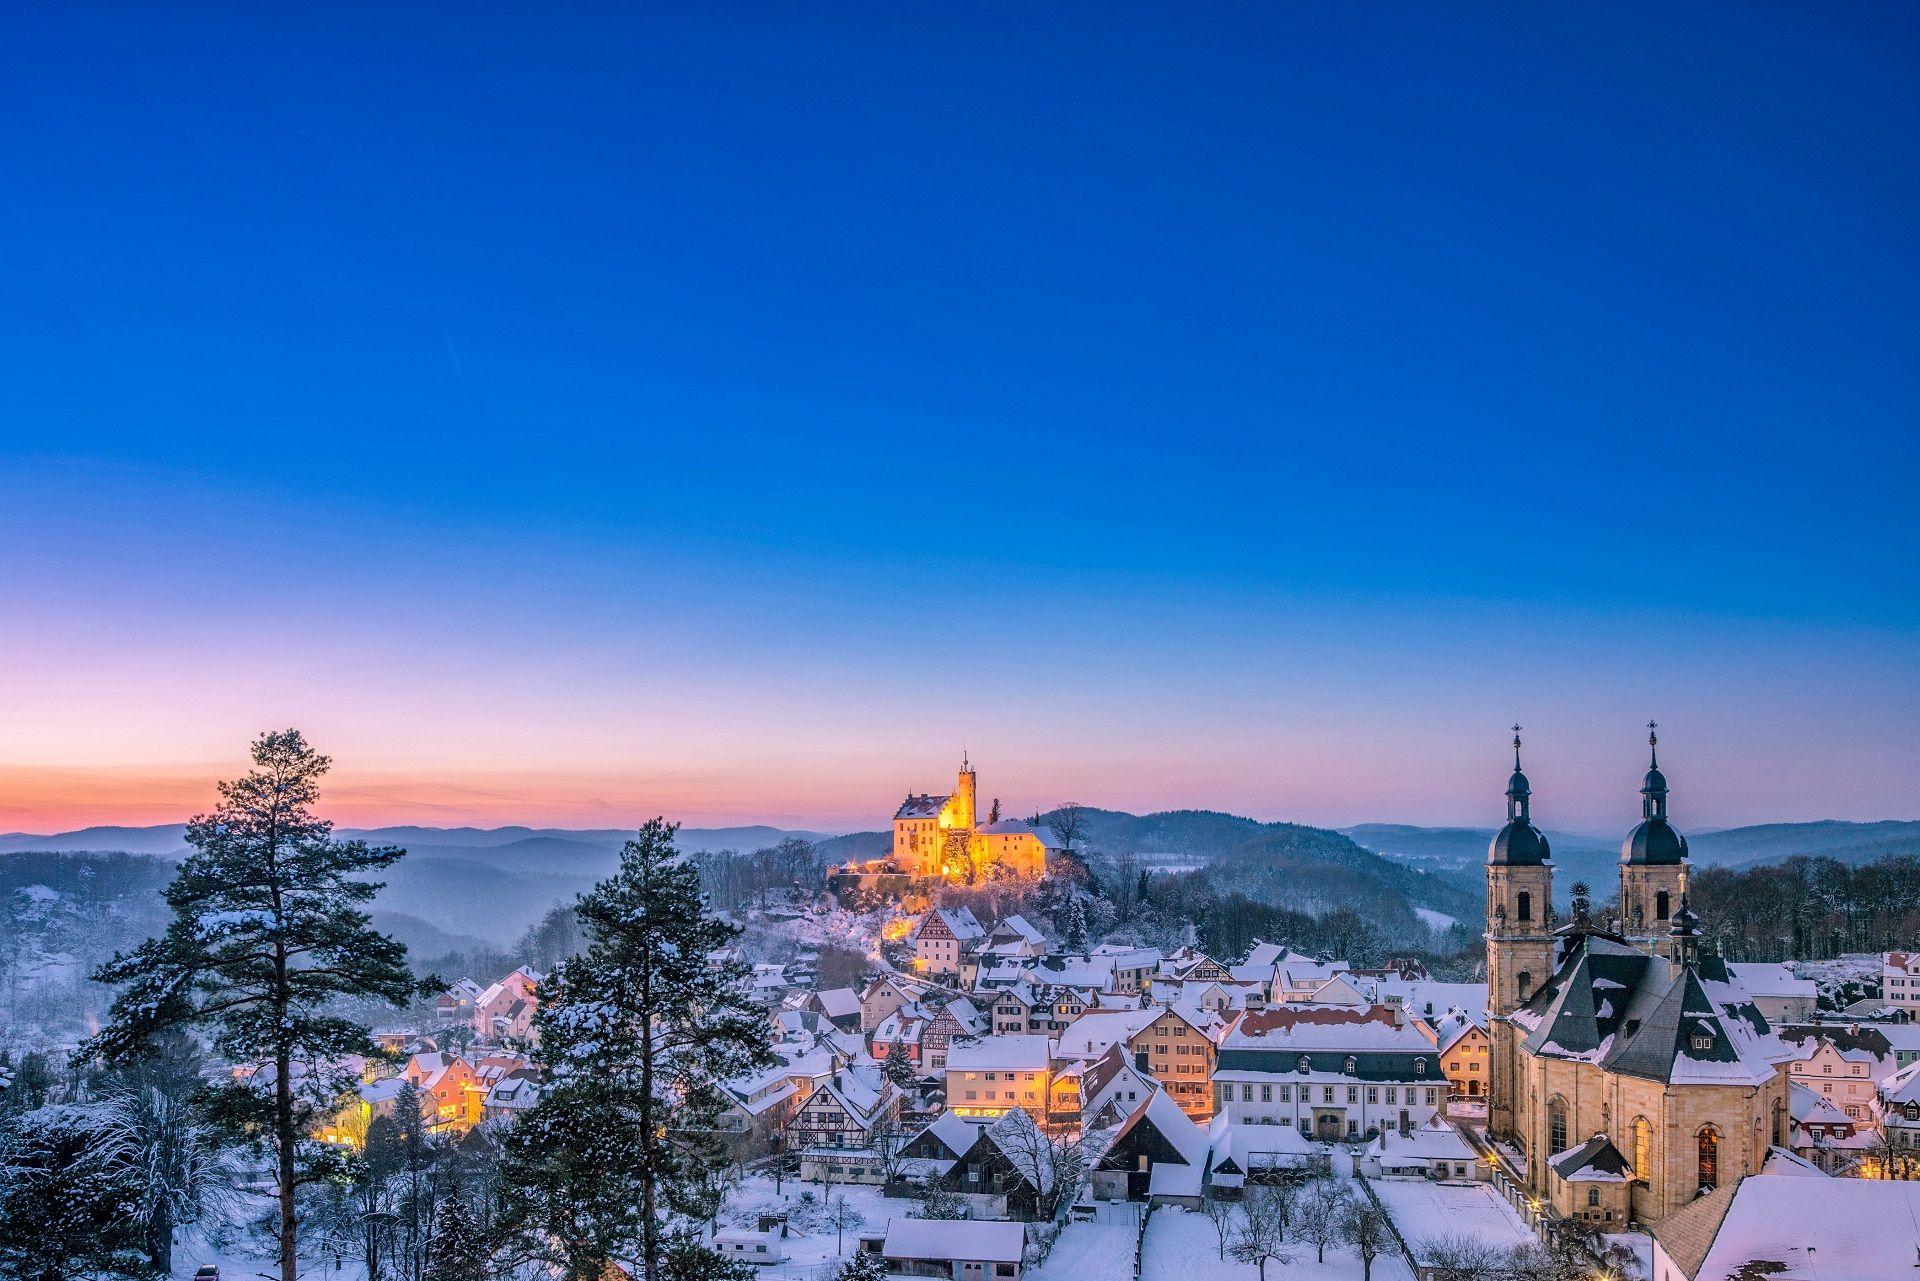 Urlaub in Franken Winter Gößweinstein